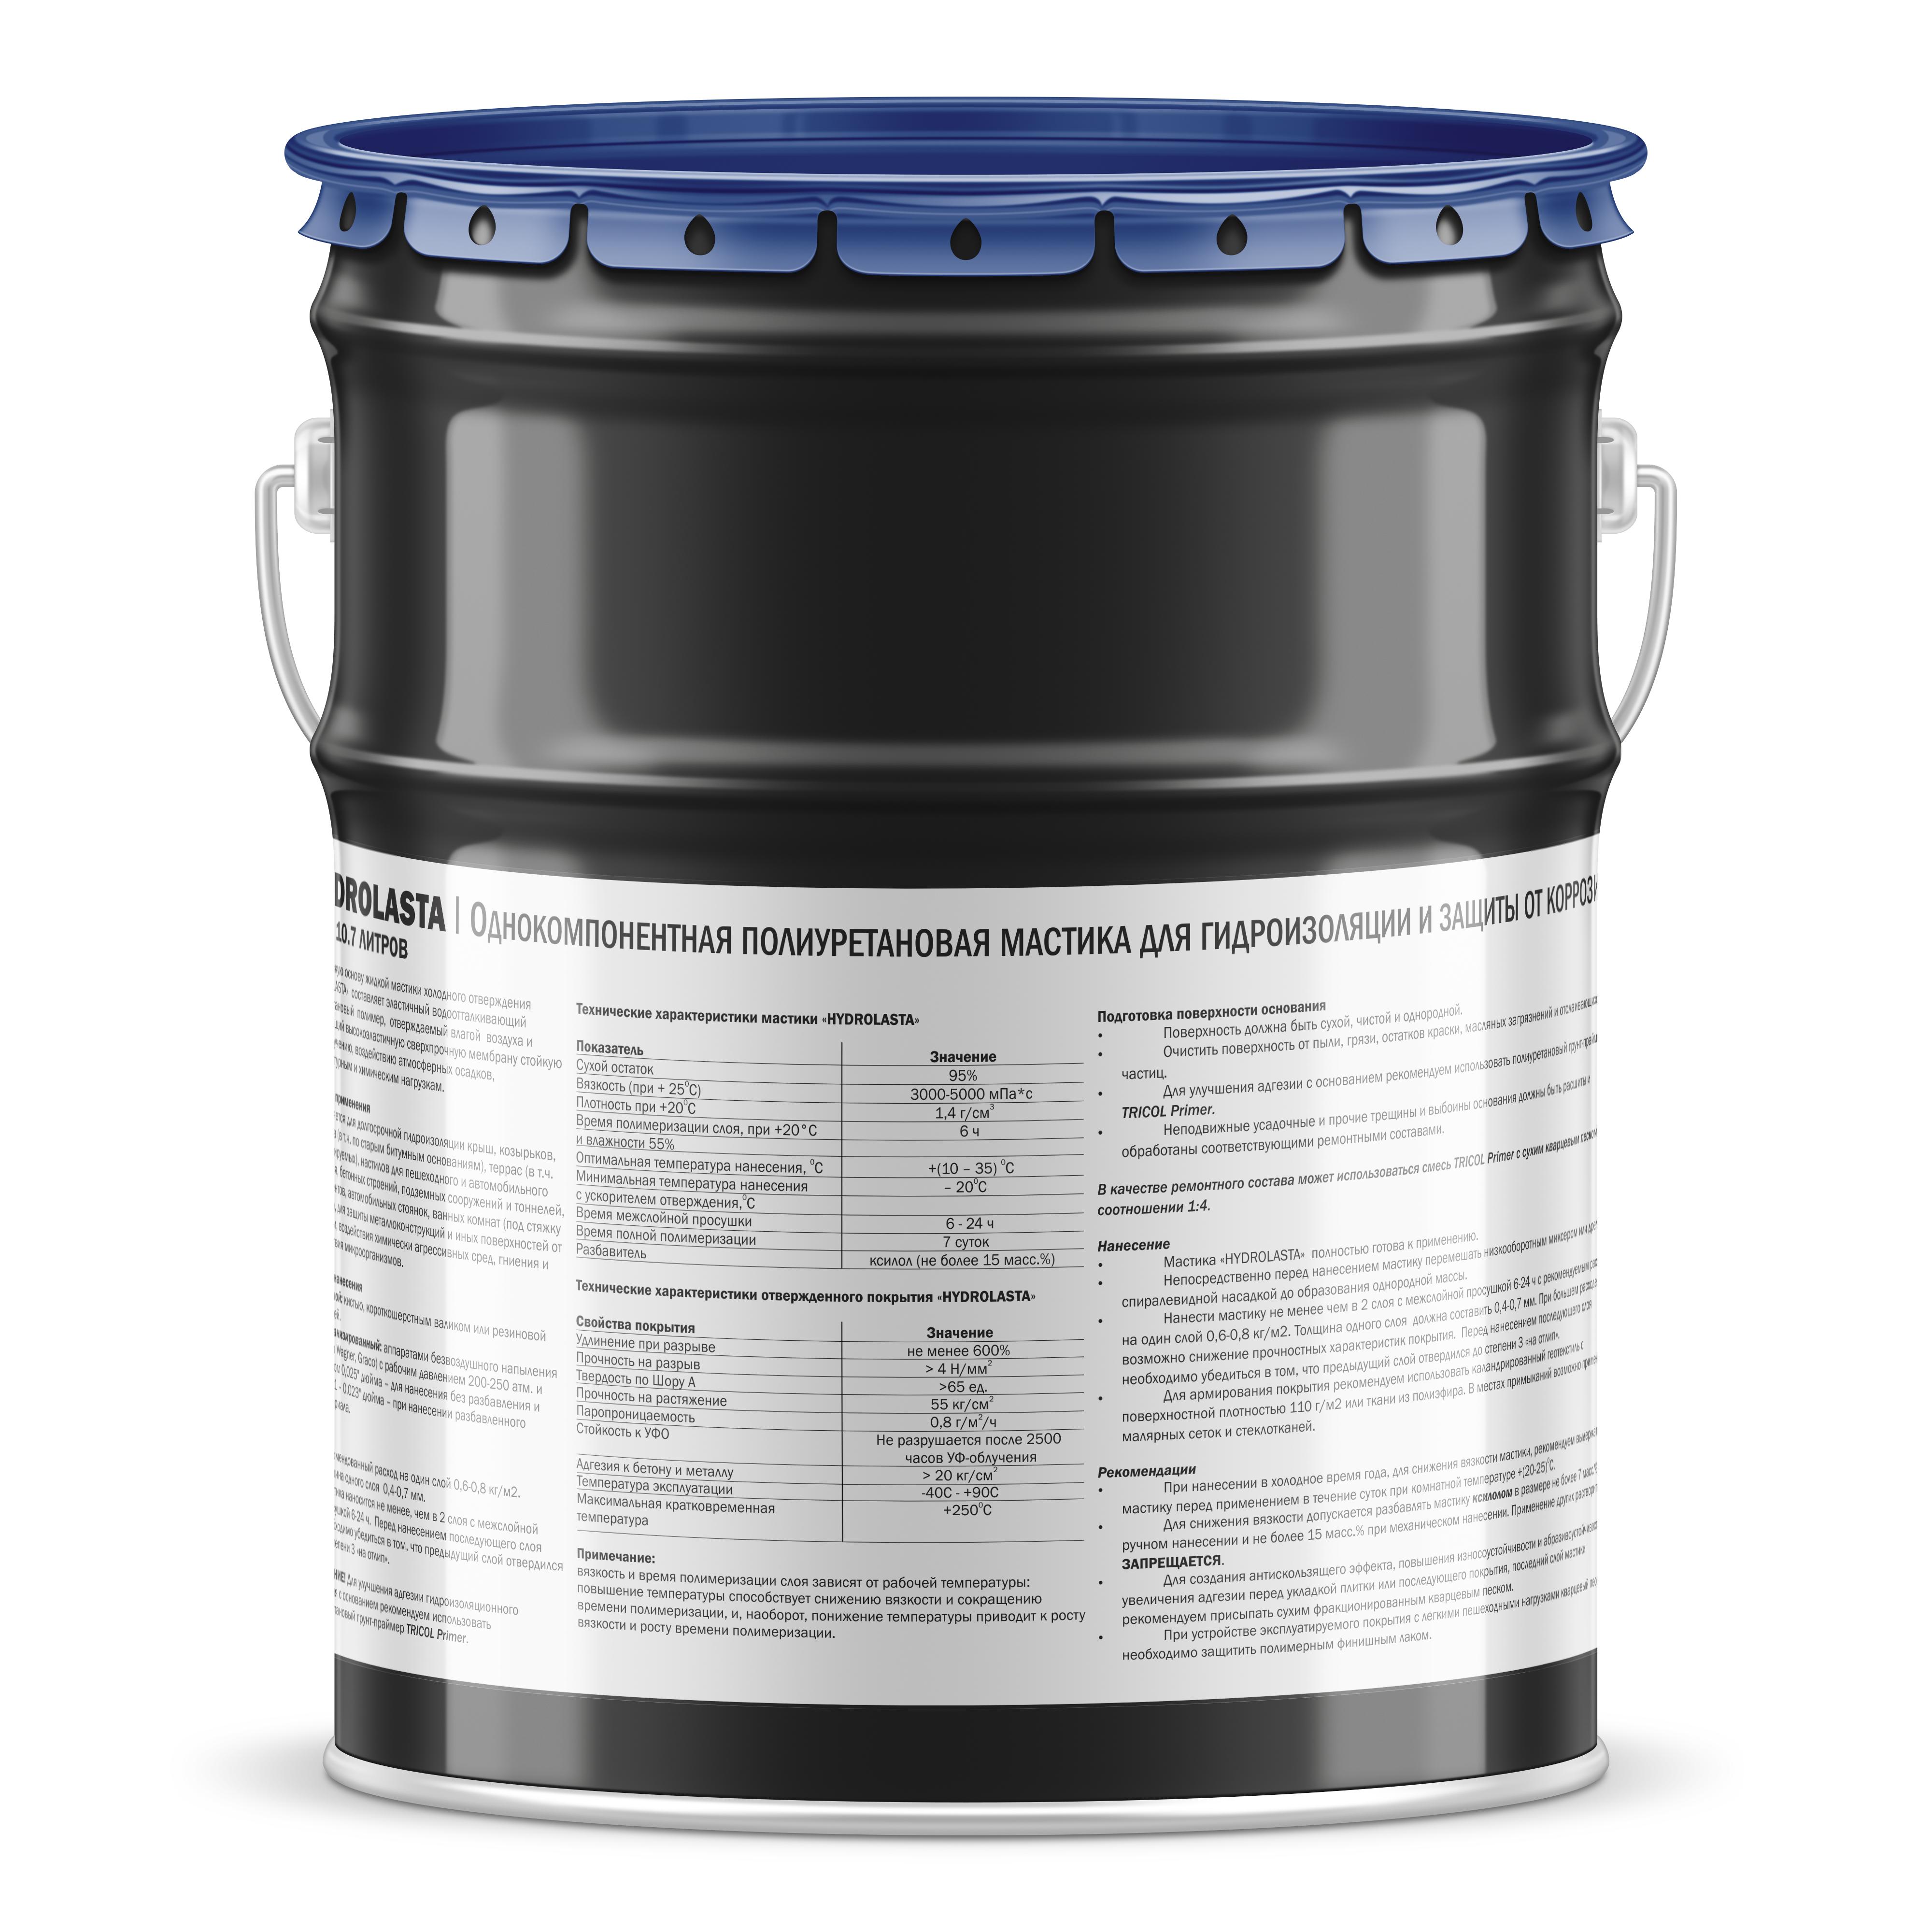 однокомпонентная полиуретановая мастичная гидроизоляция блокада